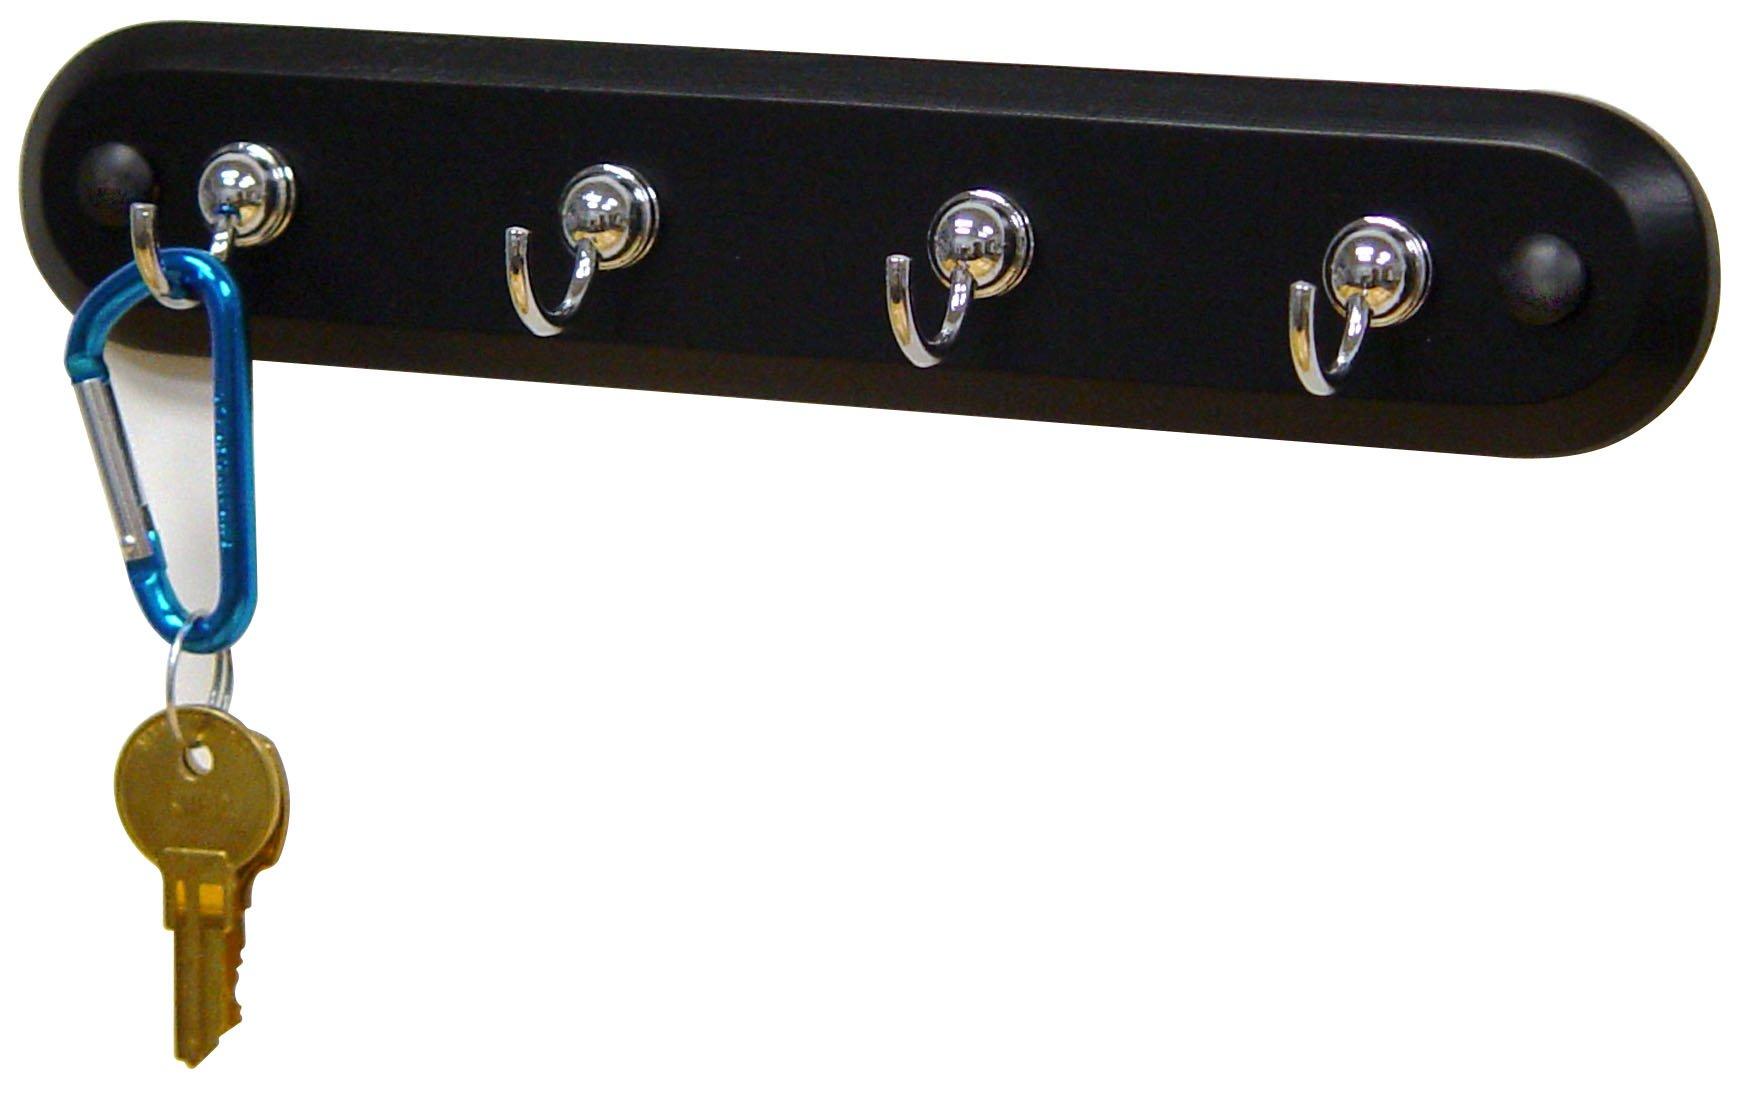 New Key Holder Rack Wall Mount 4 Keys Hooks 8 Inch Wide